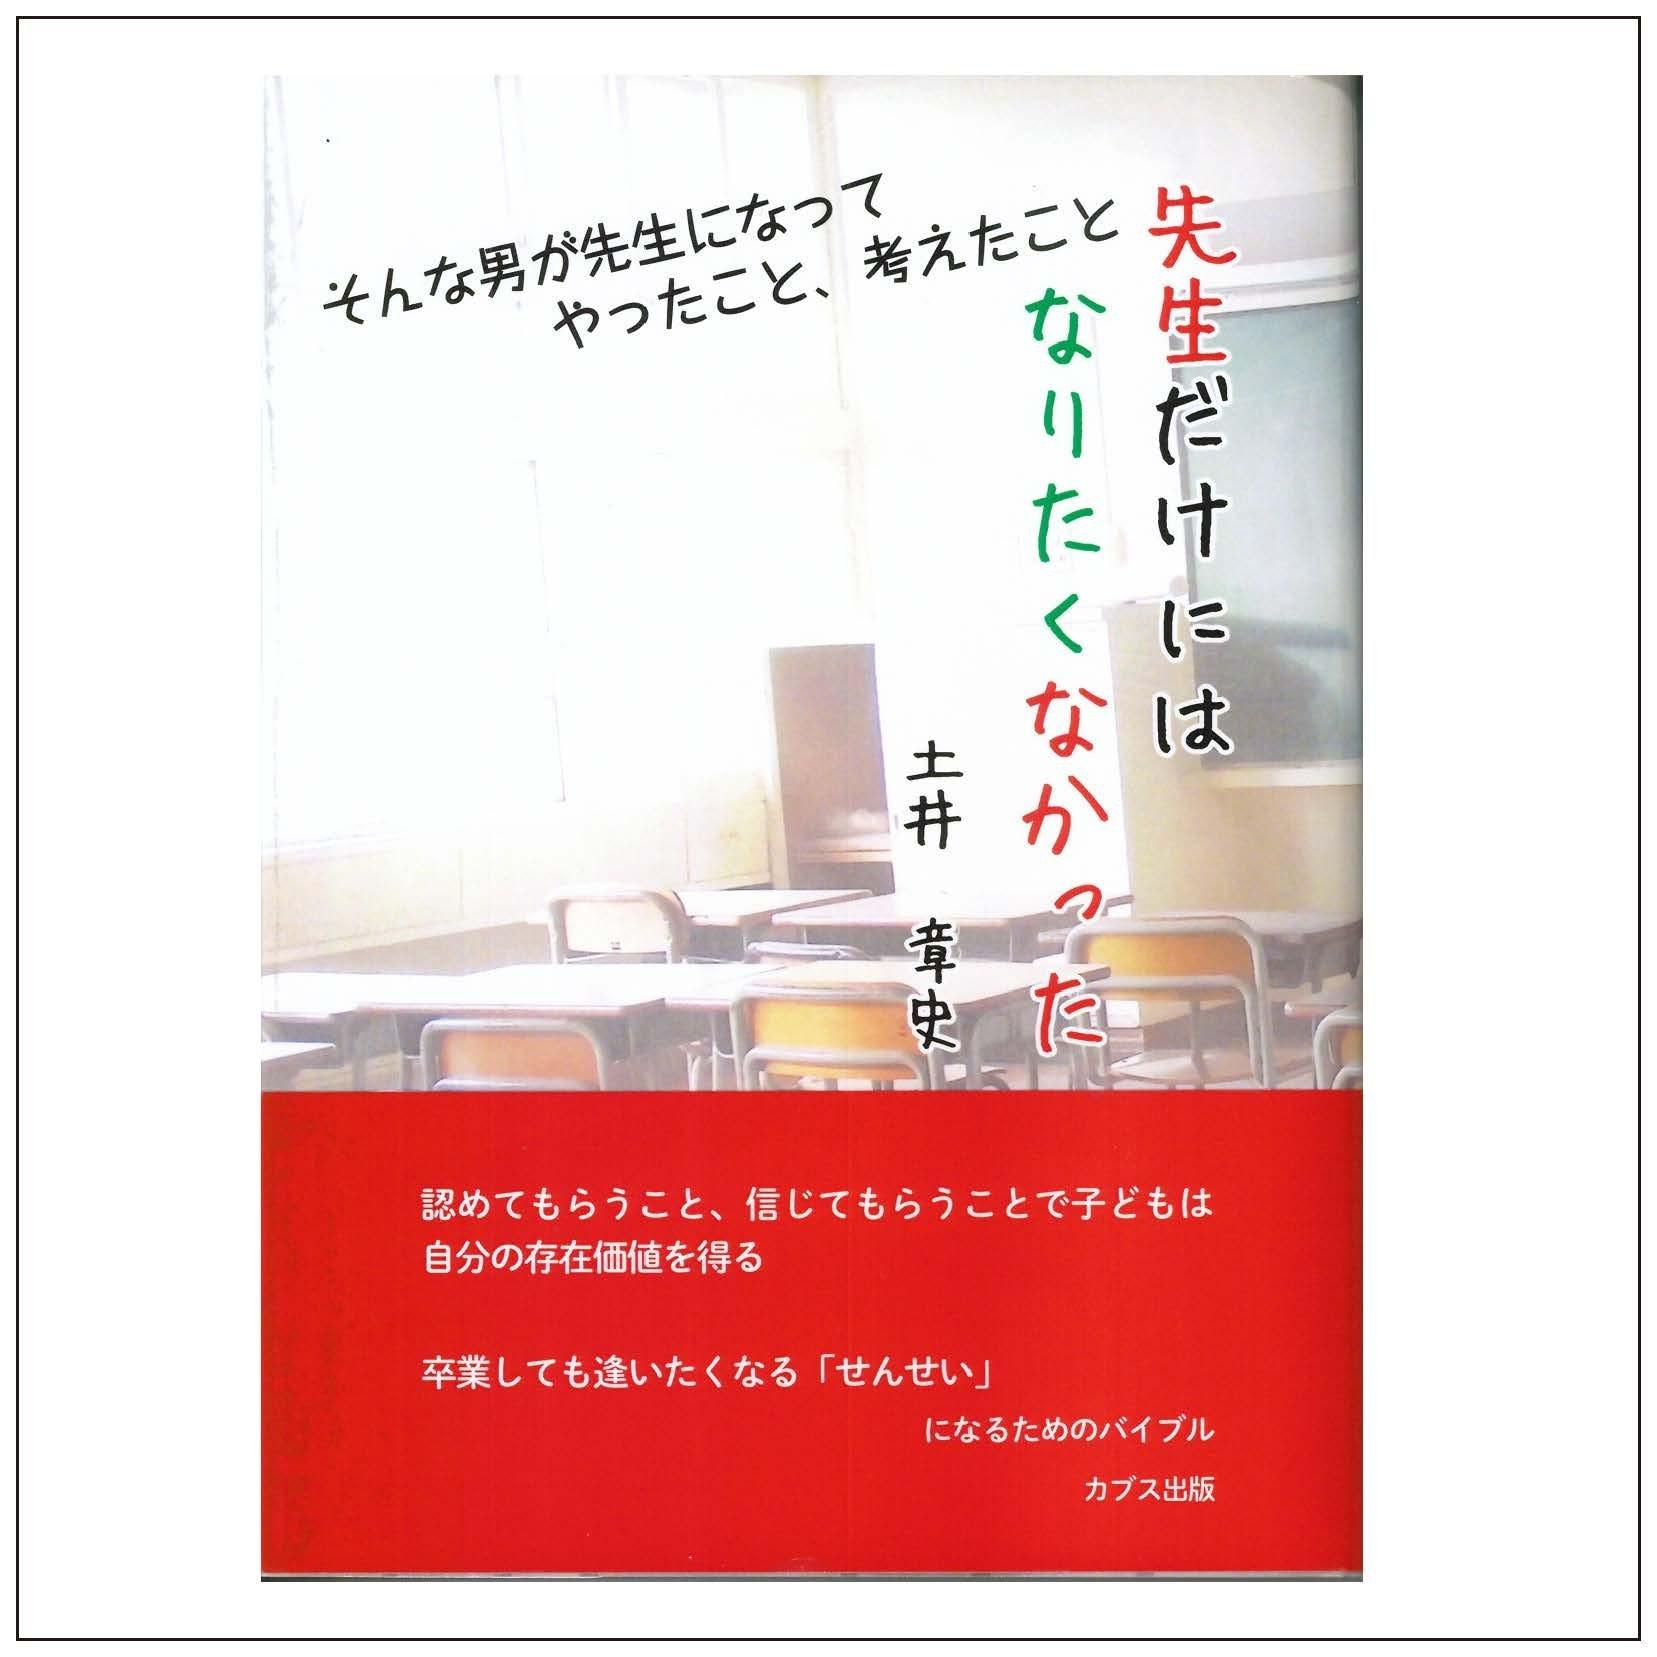 先生だけにはなりたくなかった 土井章史 電子書籍のイメージその1